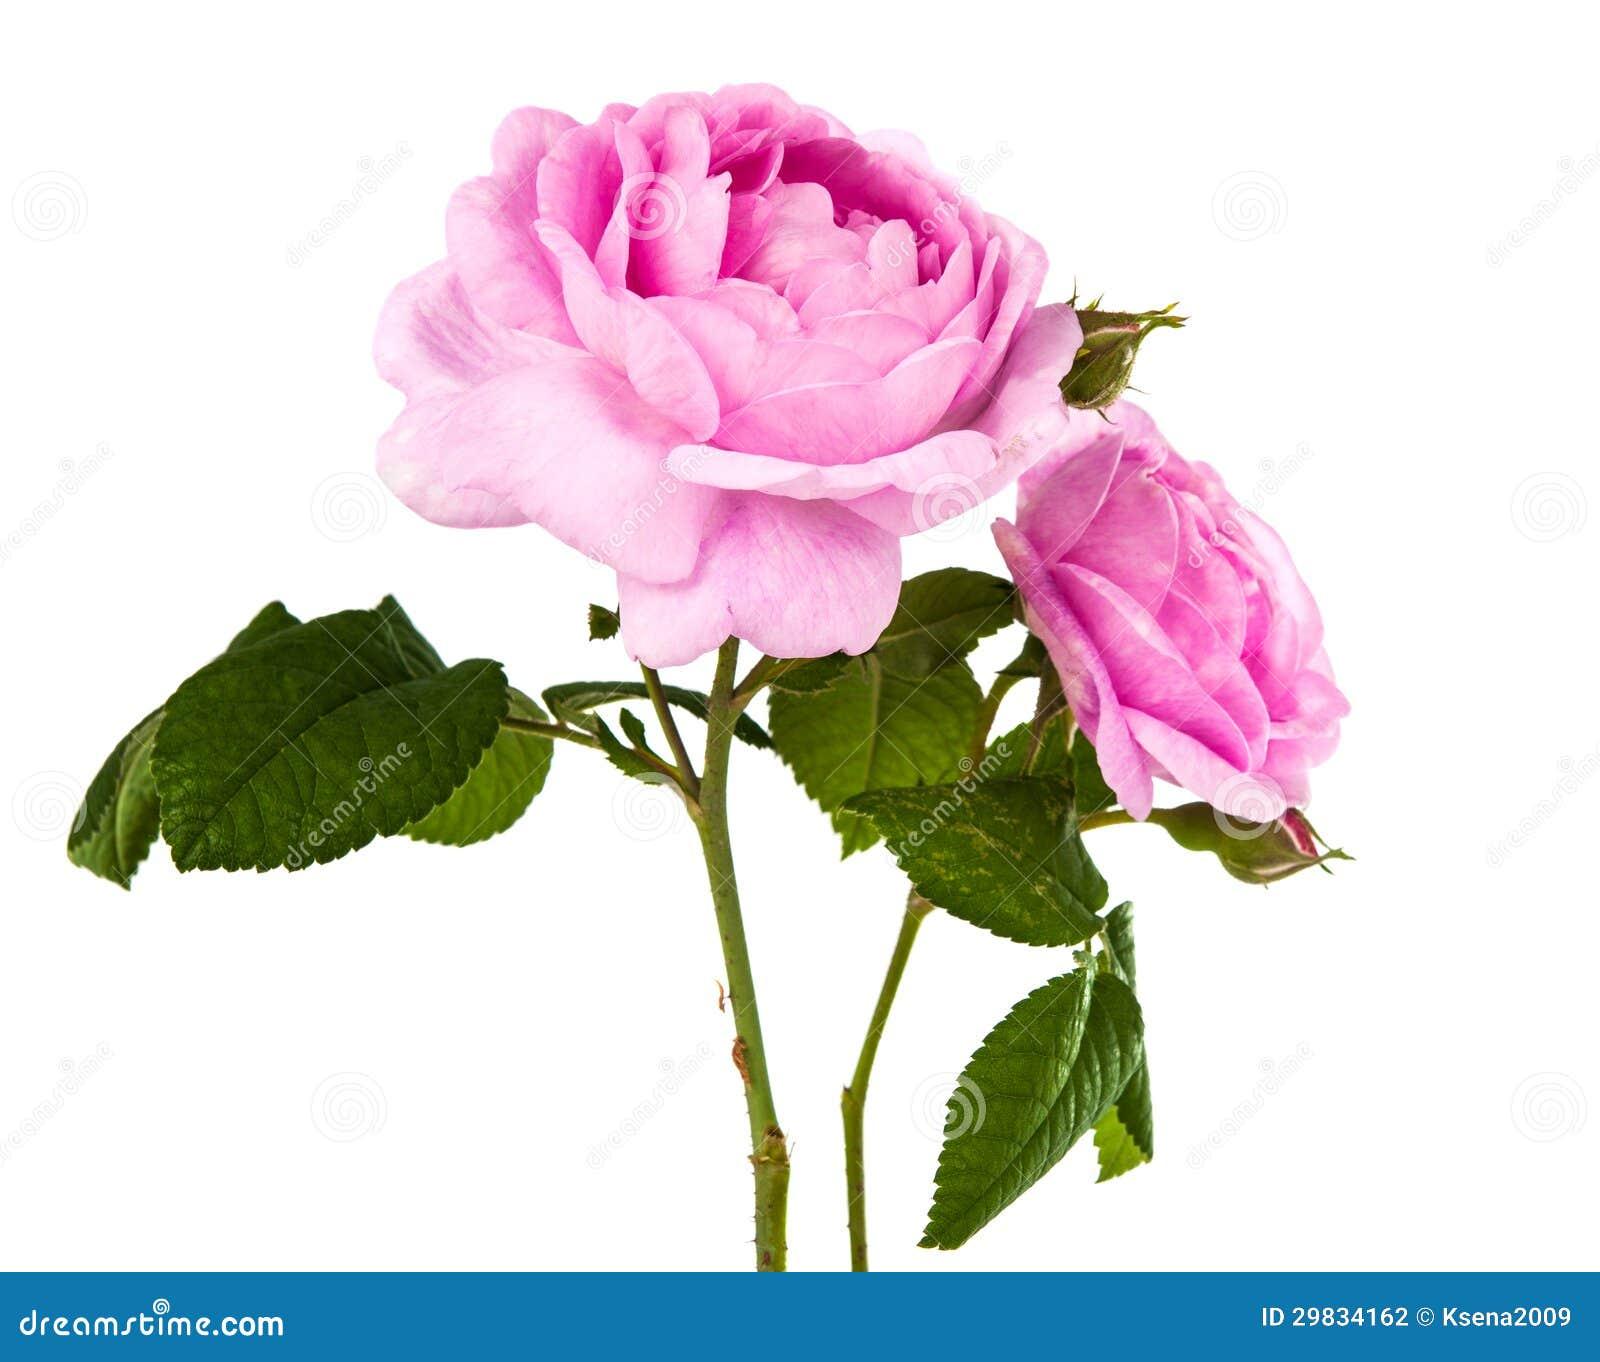 Rosa do rosa isolada